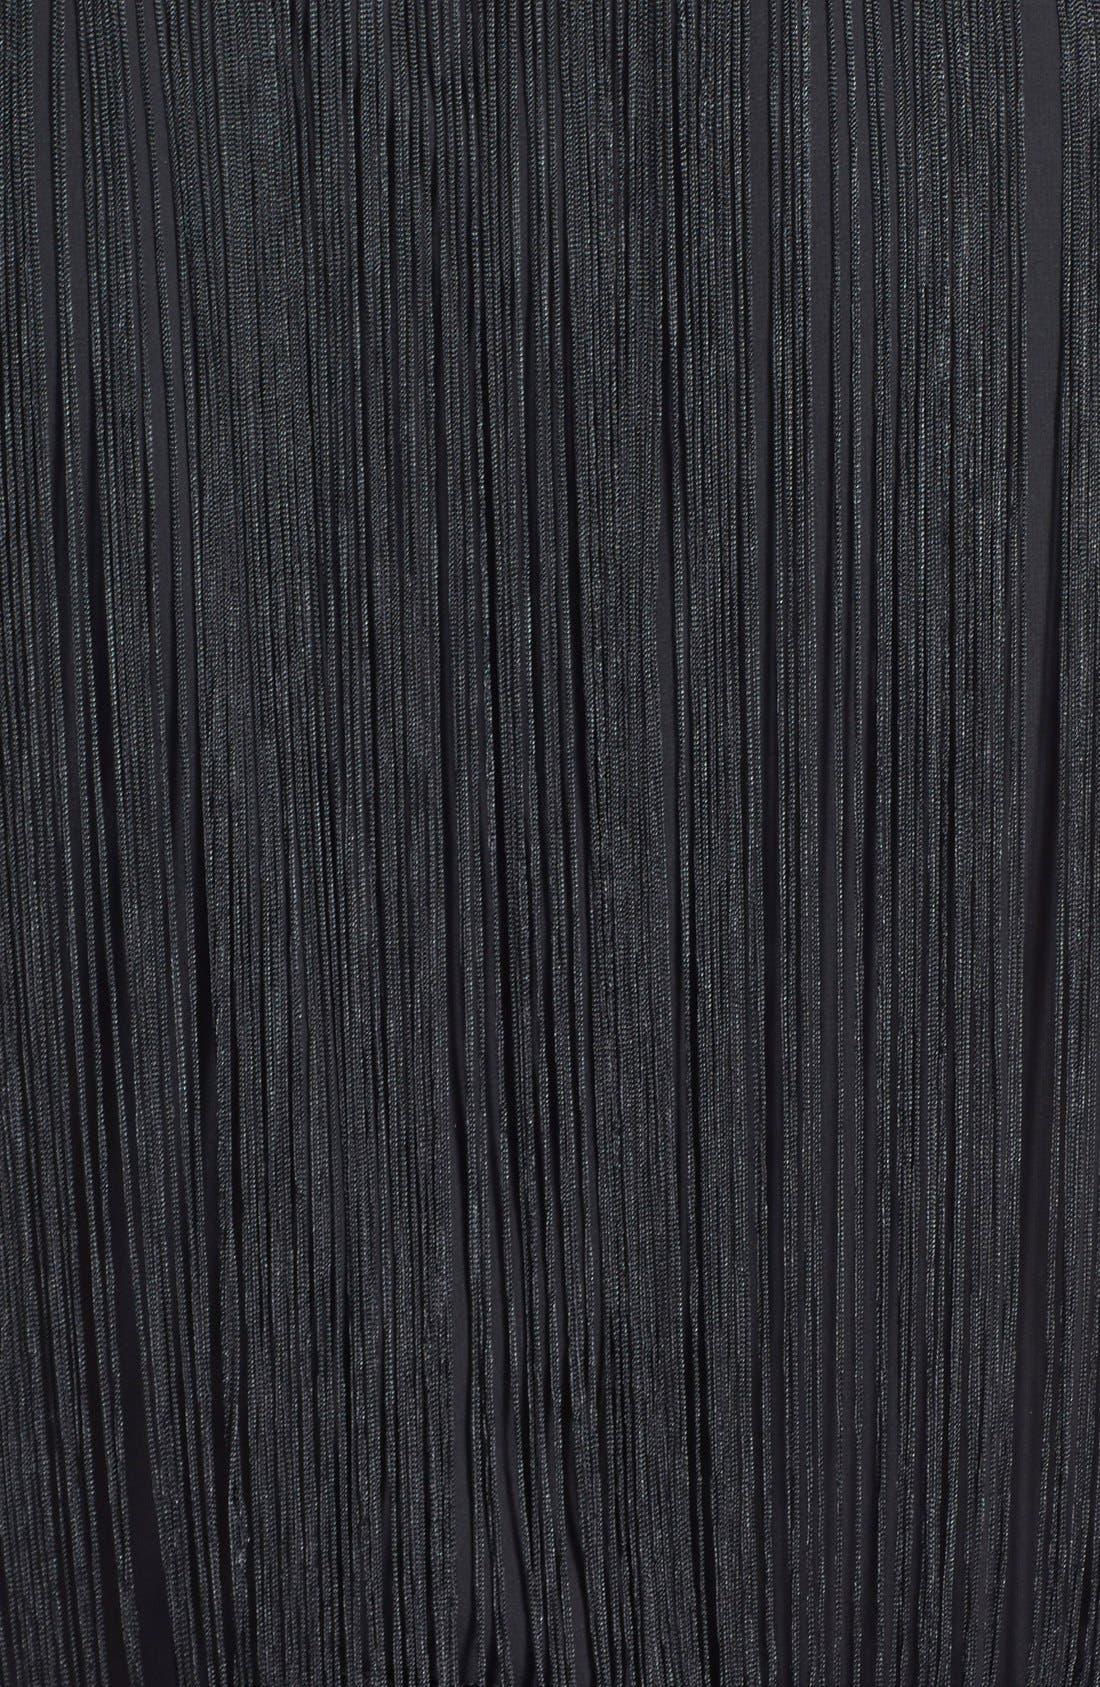 FILTRE, Tassel Embellished Shift Dress, Alternate thumbnail 2, color, 001